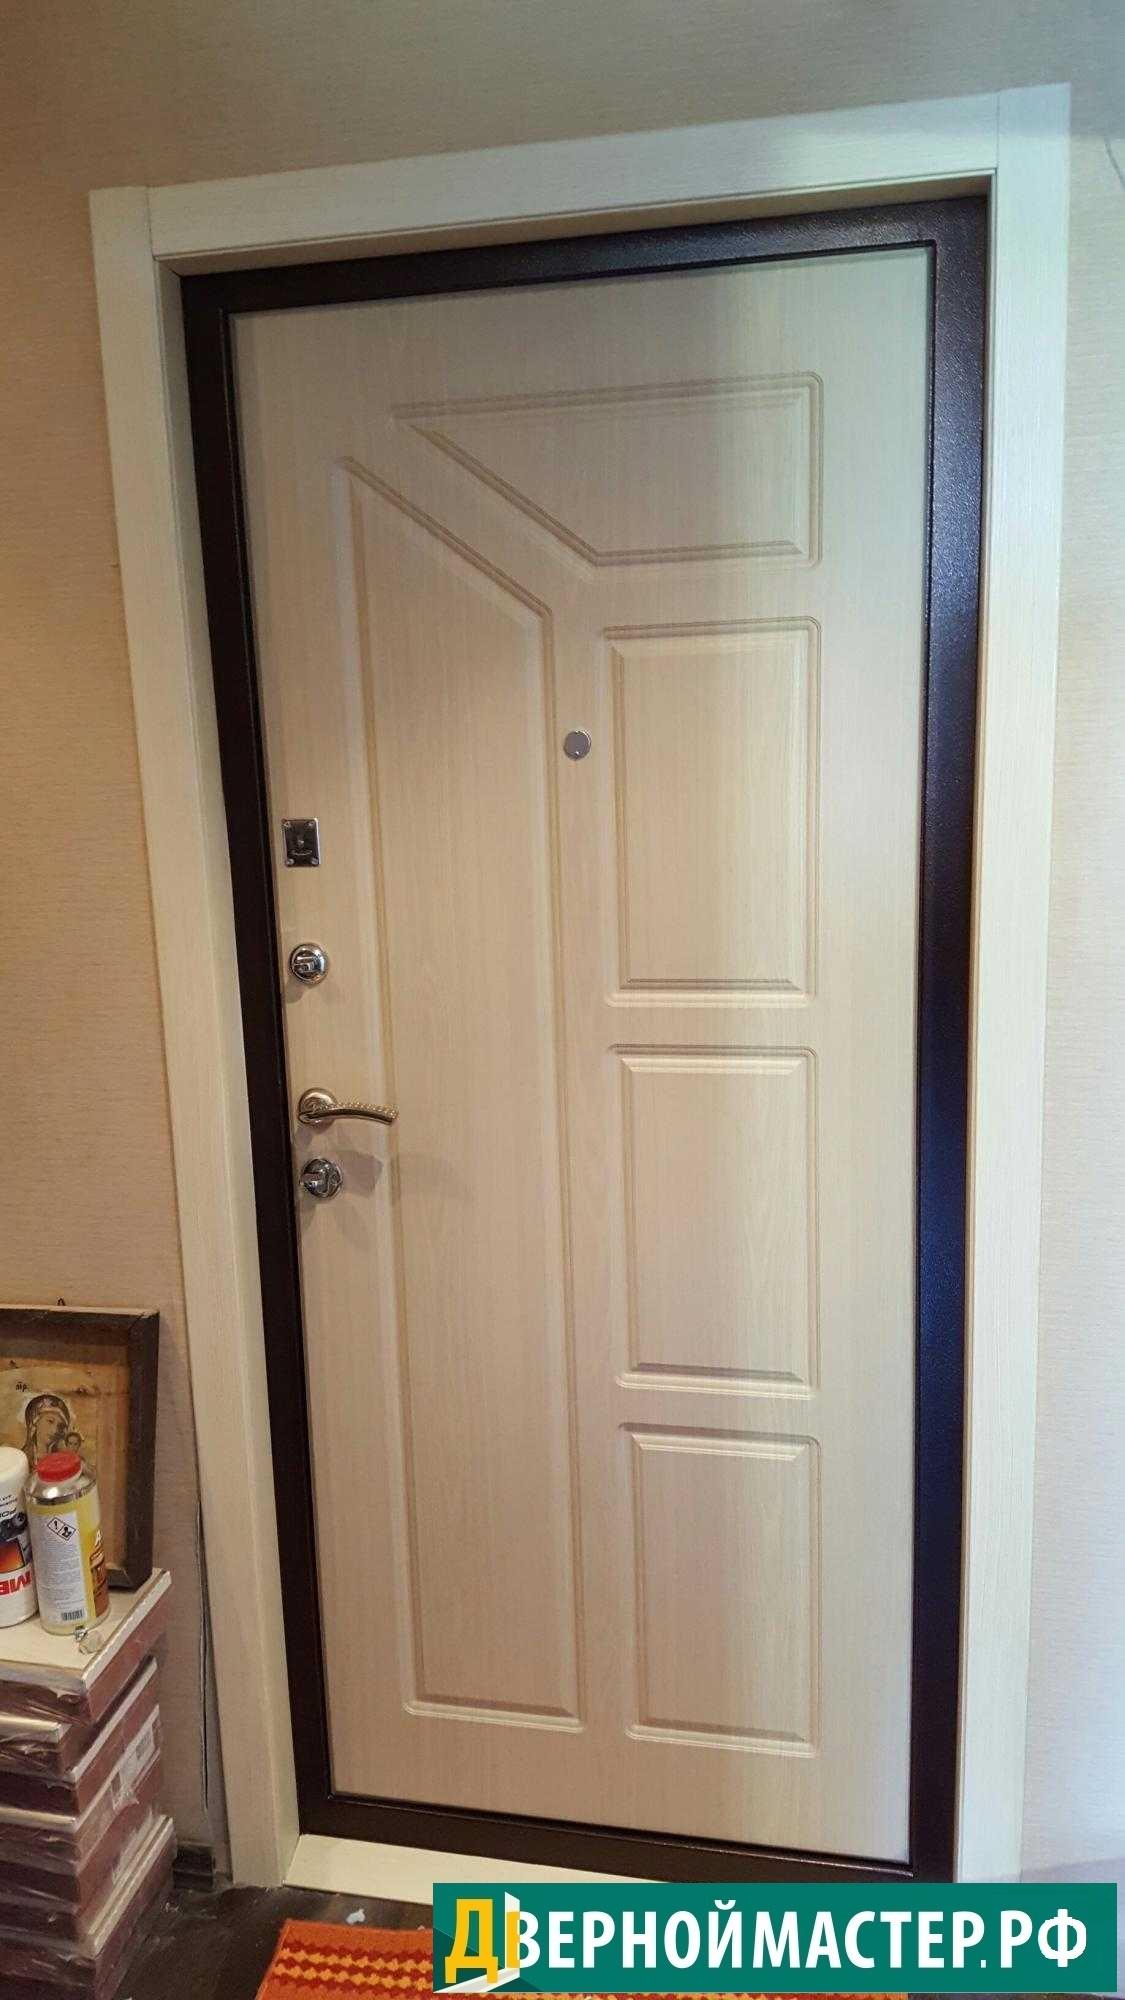 Модель металлической двери в квартиру по выгодной цене.